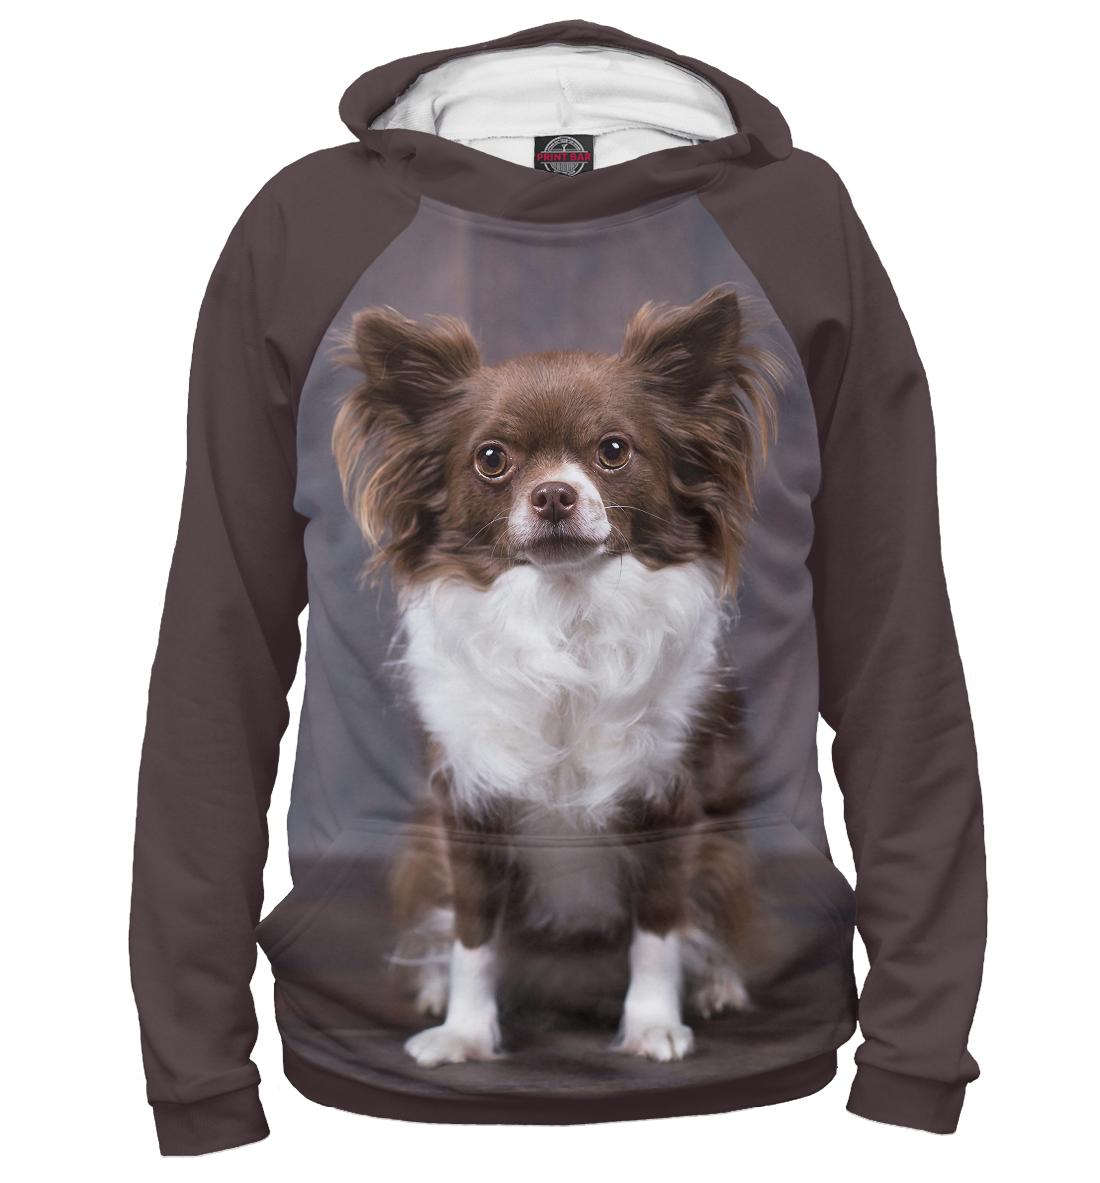 Купить Собака, Printbar, Худи, DOG-608790-hud-1